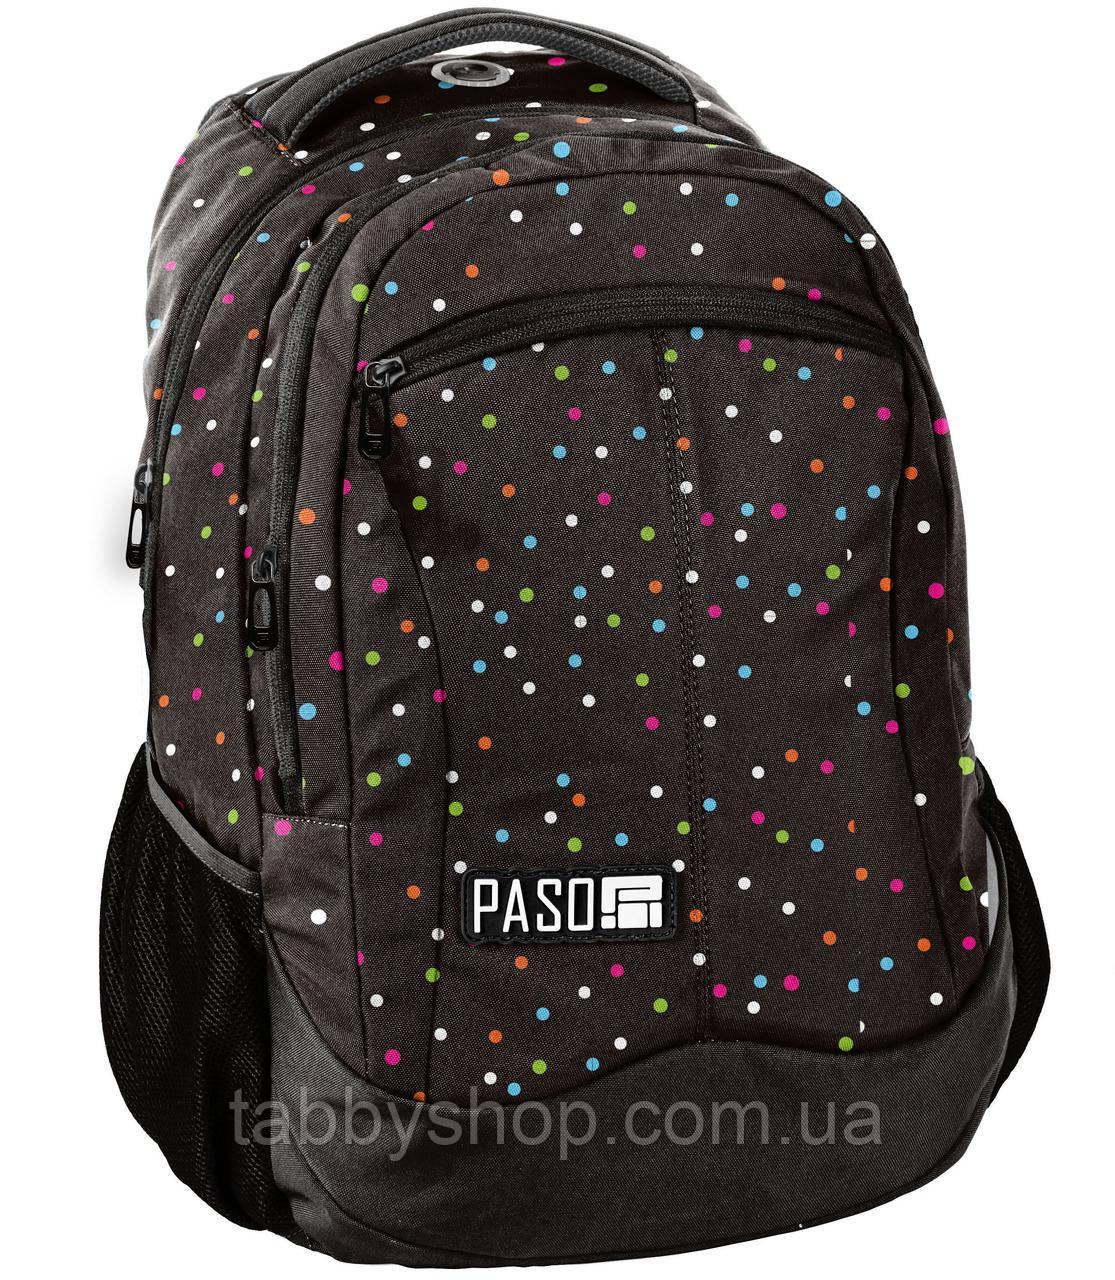 Рюкзак школьный PASO Color Dots